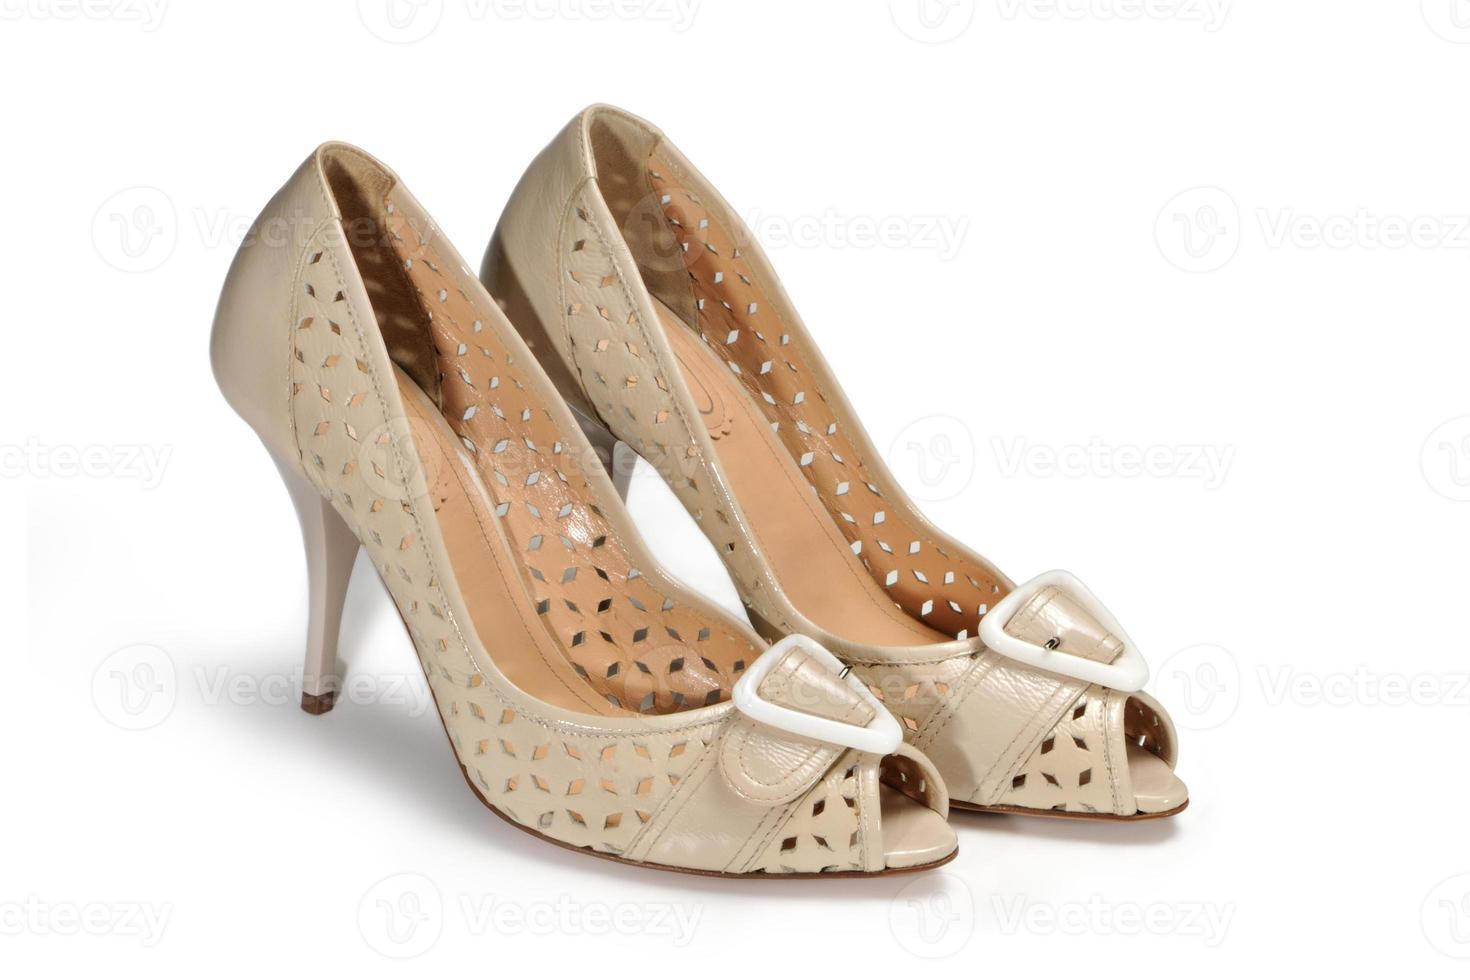 beige vrouwelijke schoenen op een witte achtergrond foto